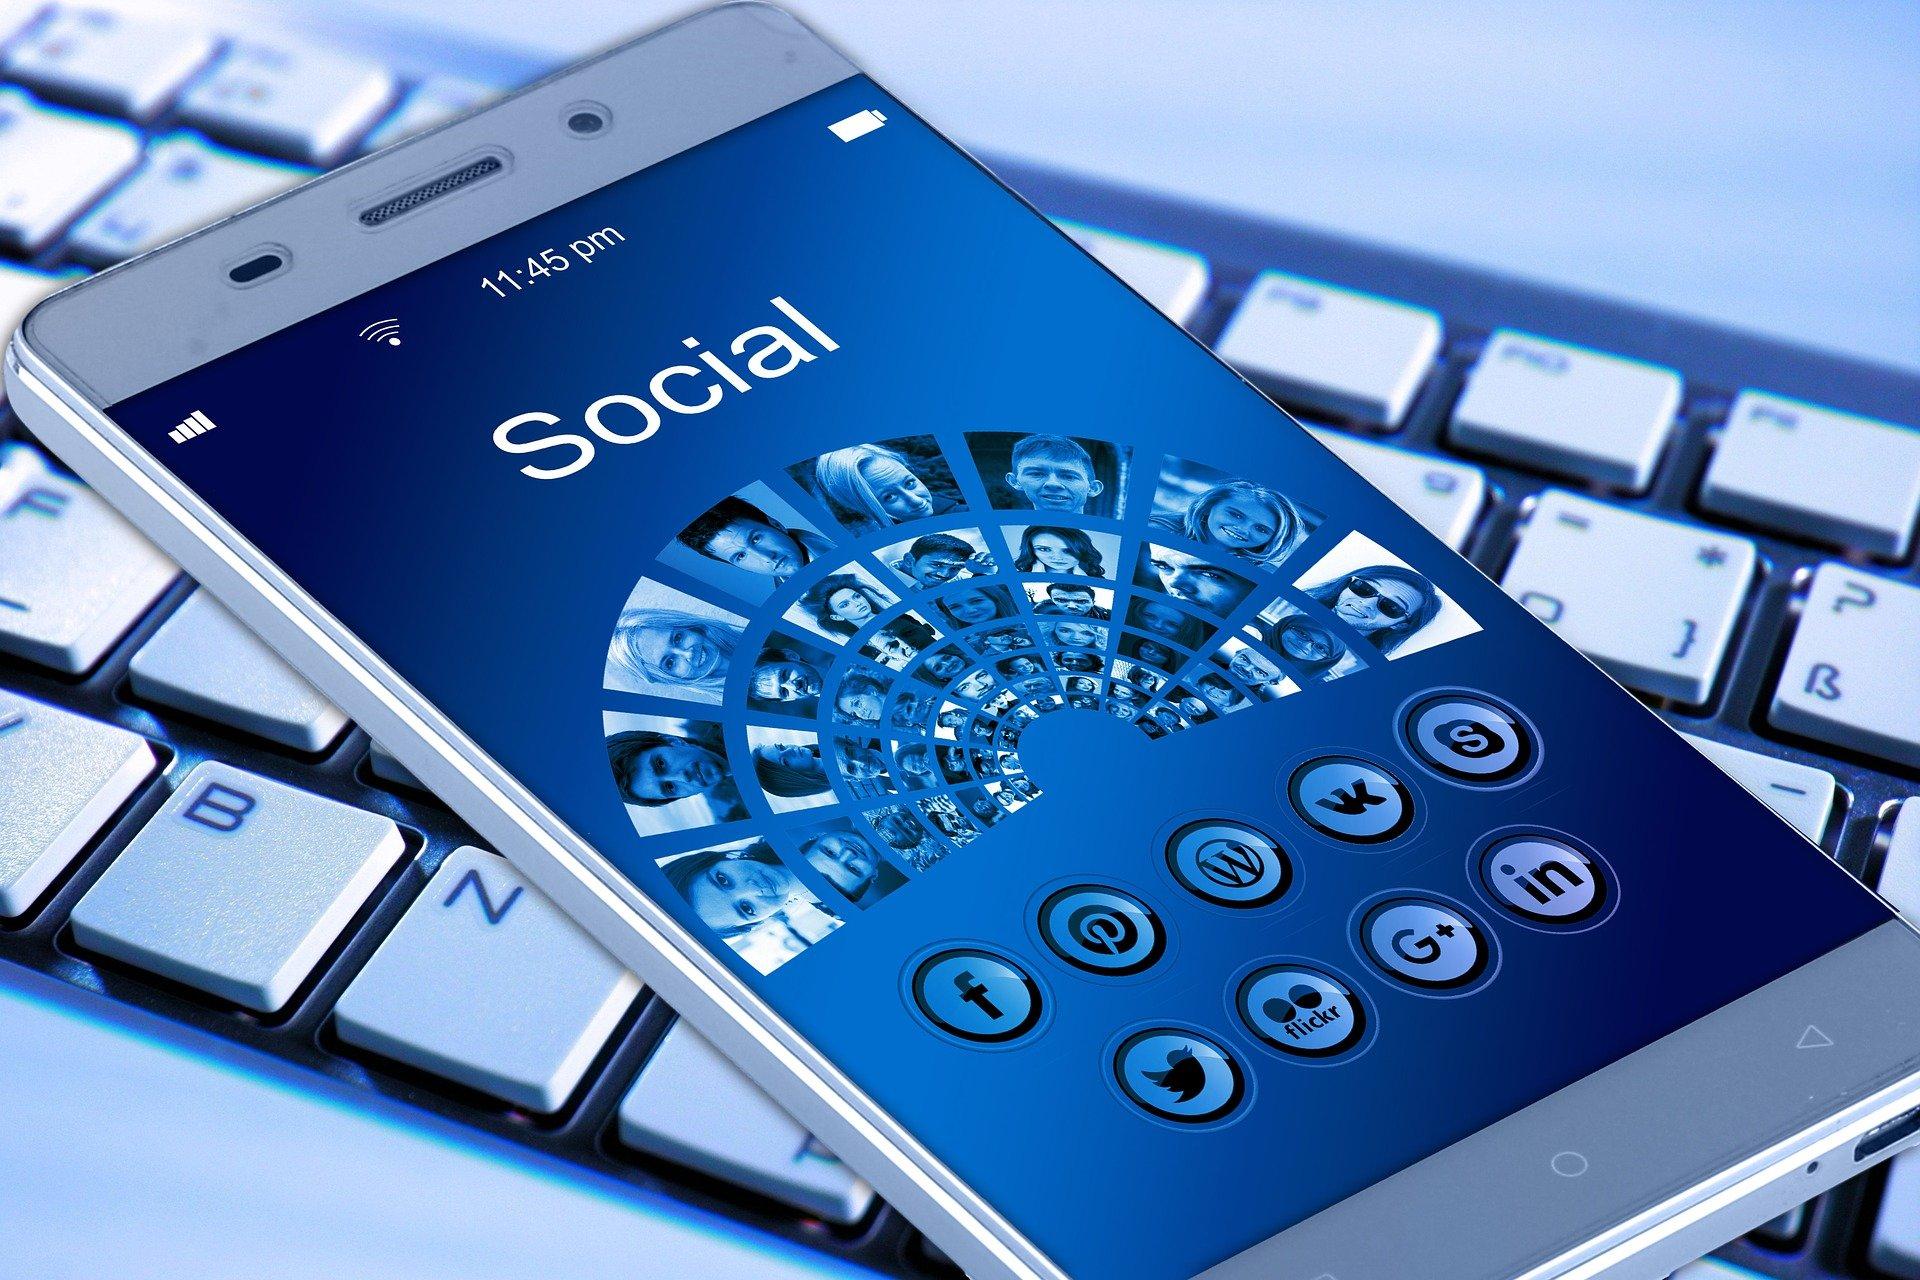 Redes sociales, Celular, Internet, Movil